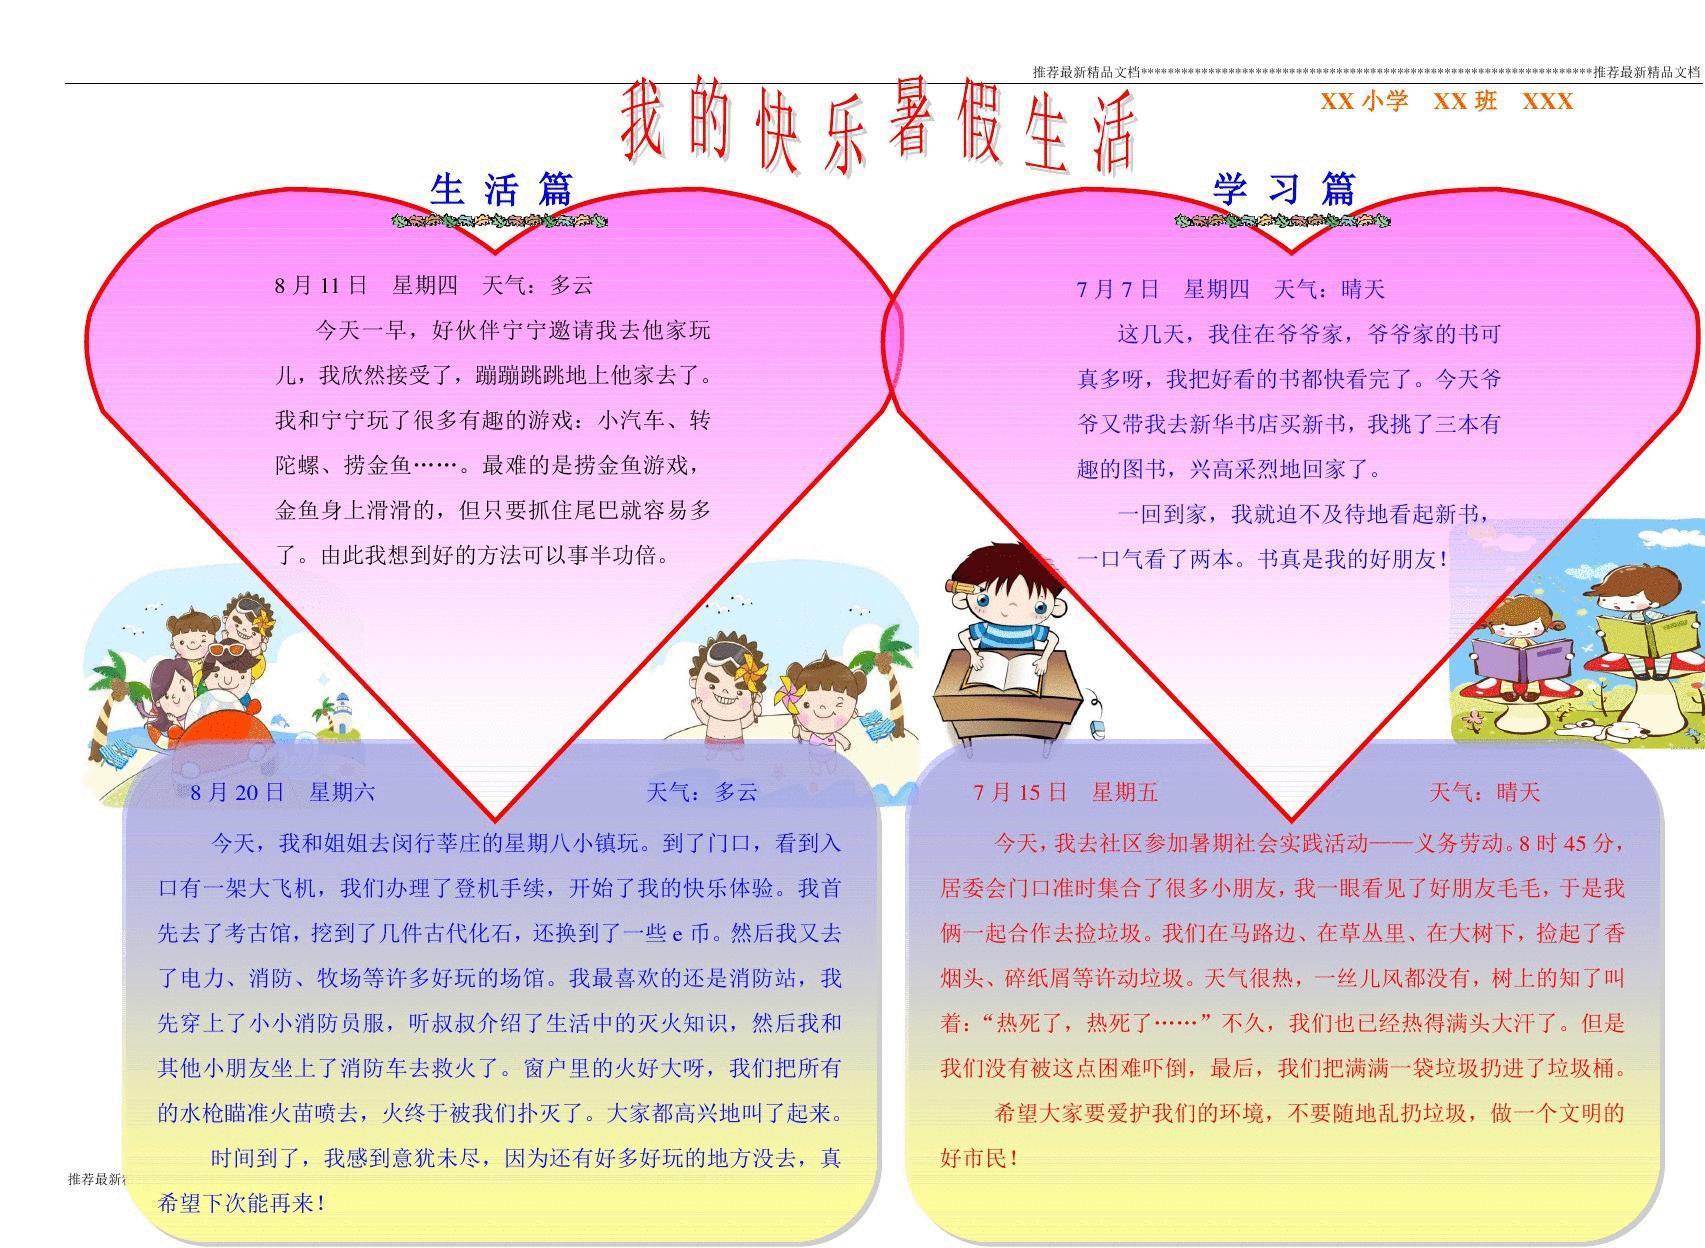 暑假电子小报 a4横版 可编辑小报 电子小报手抄报word